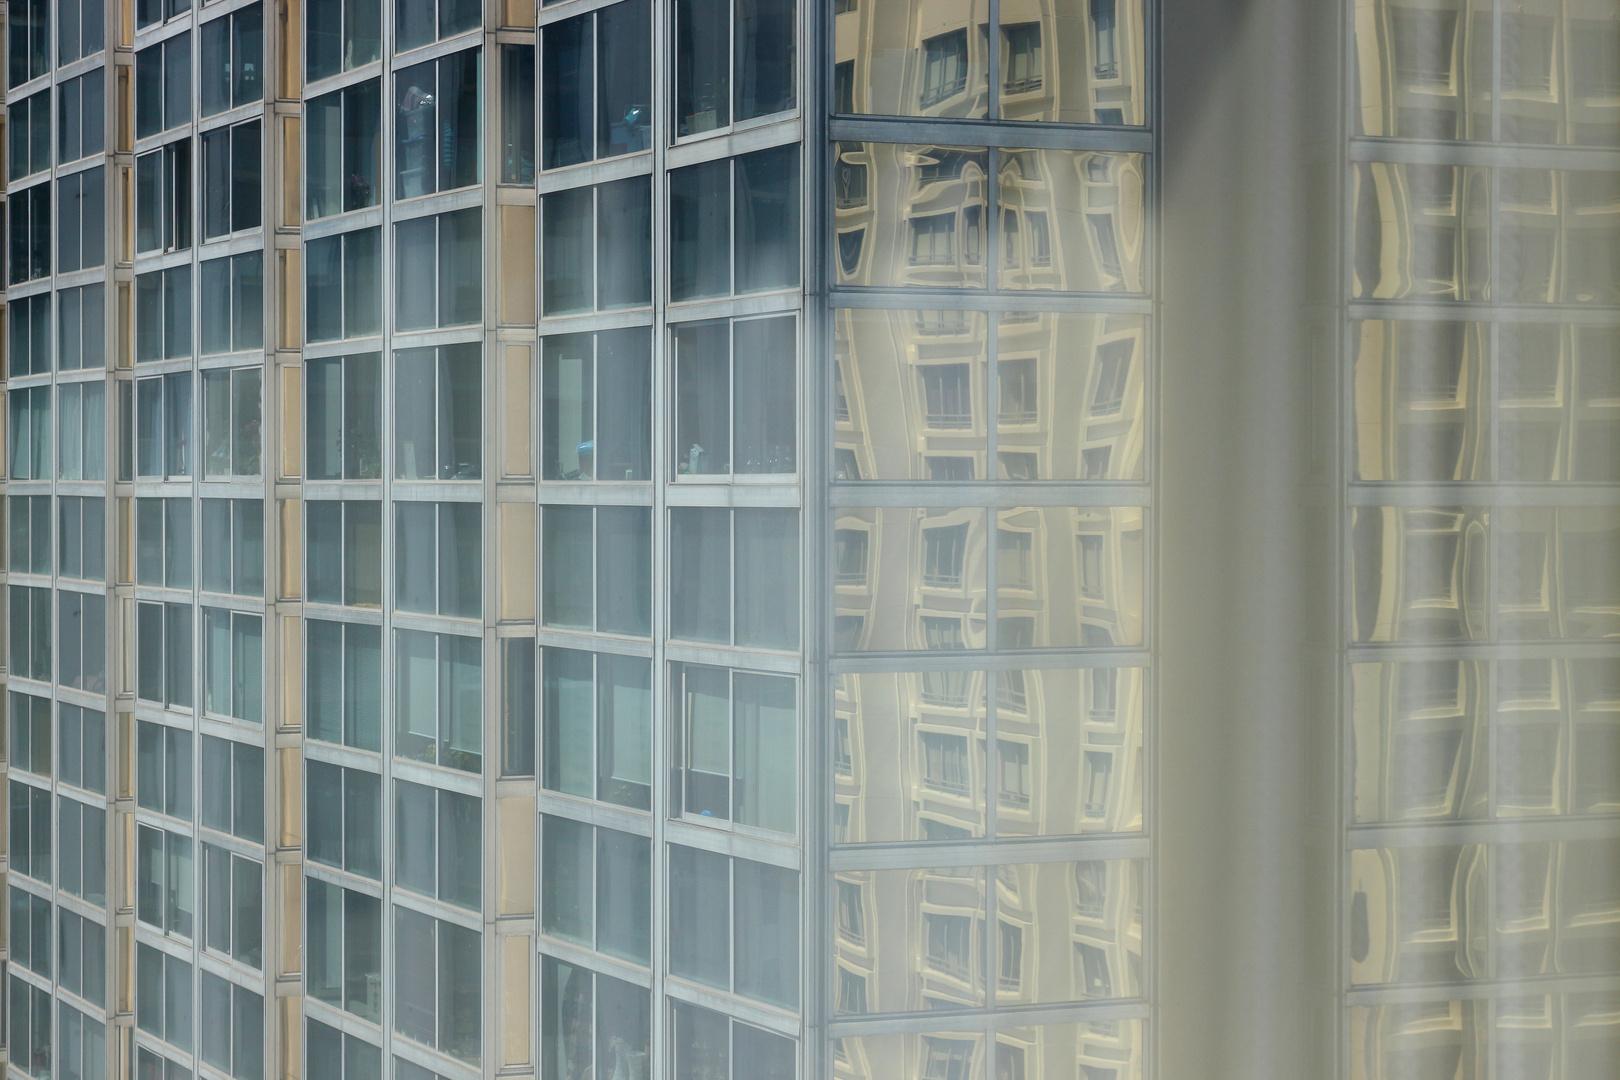 Aus dem Hotelfenster2